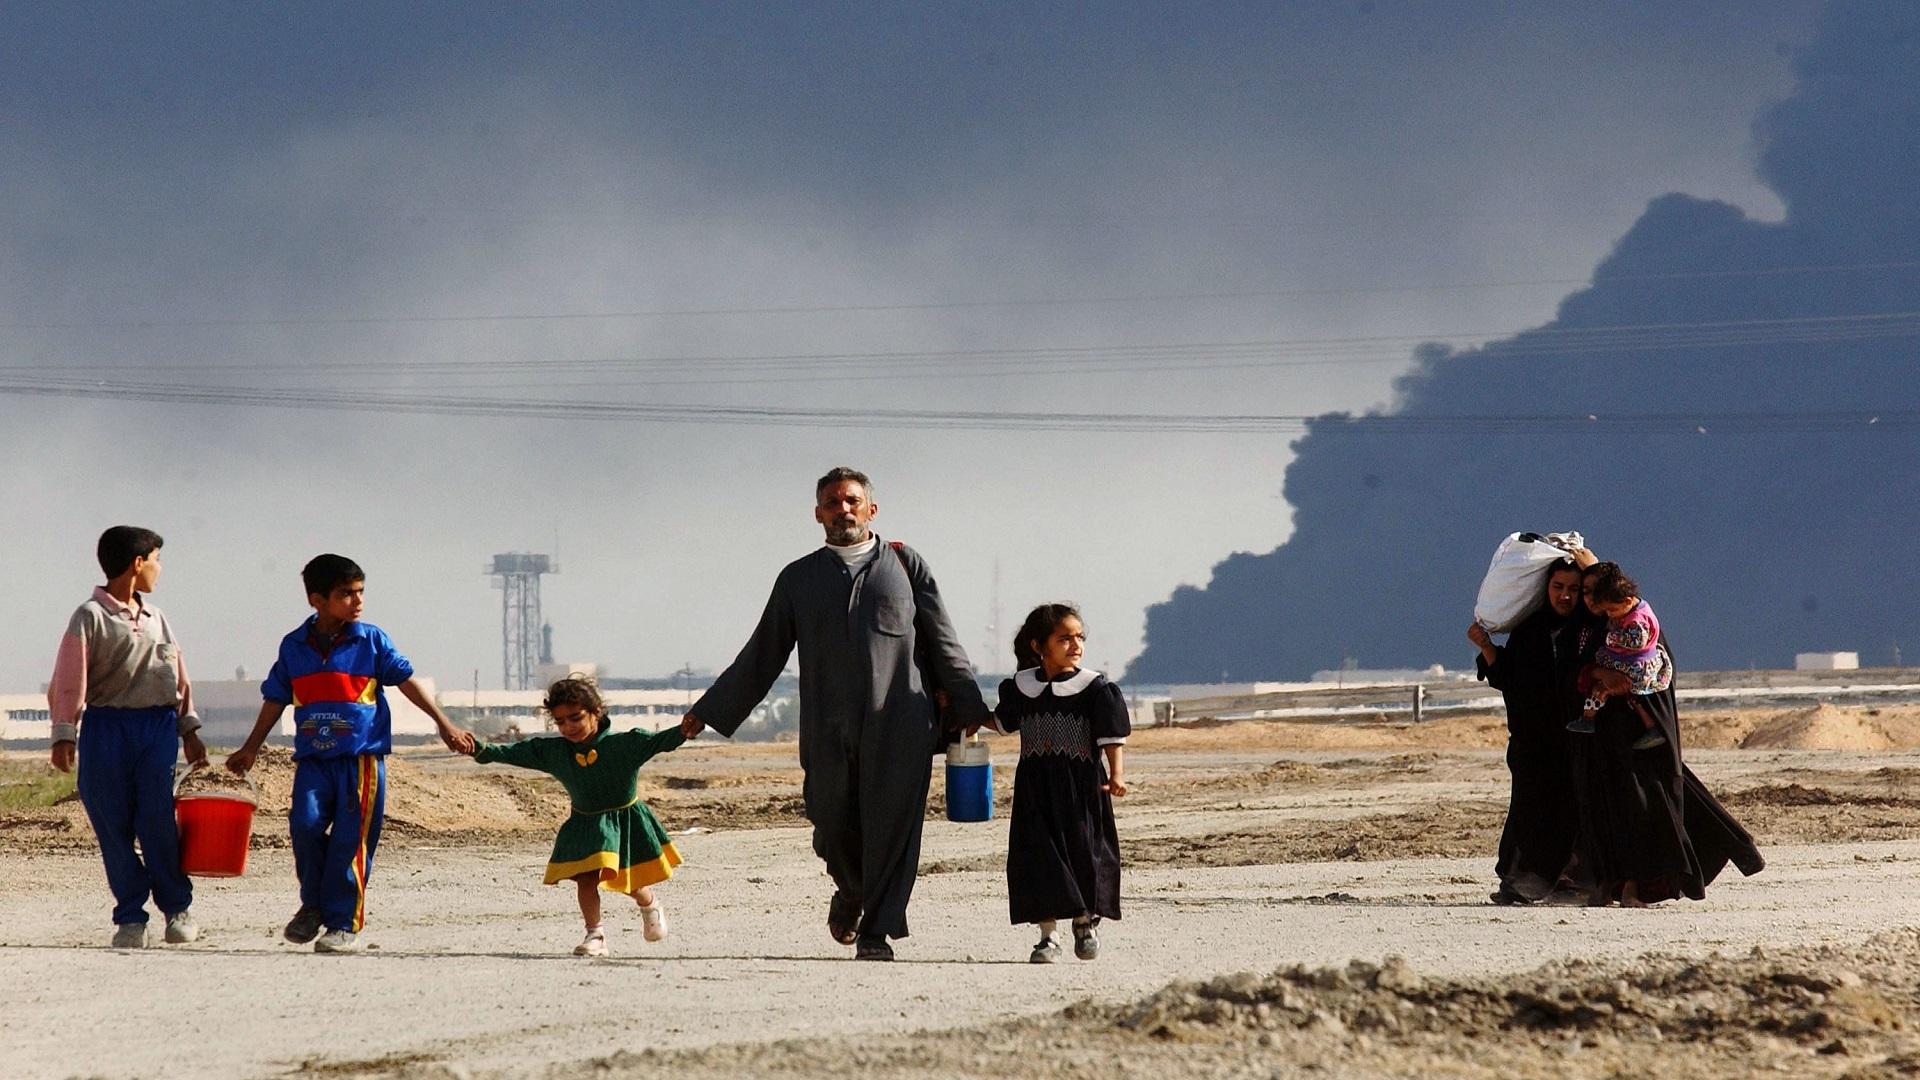 من يحافظ  ويرعى النخب والكفاءات العراقية في الشتات؟